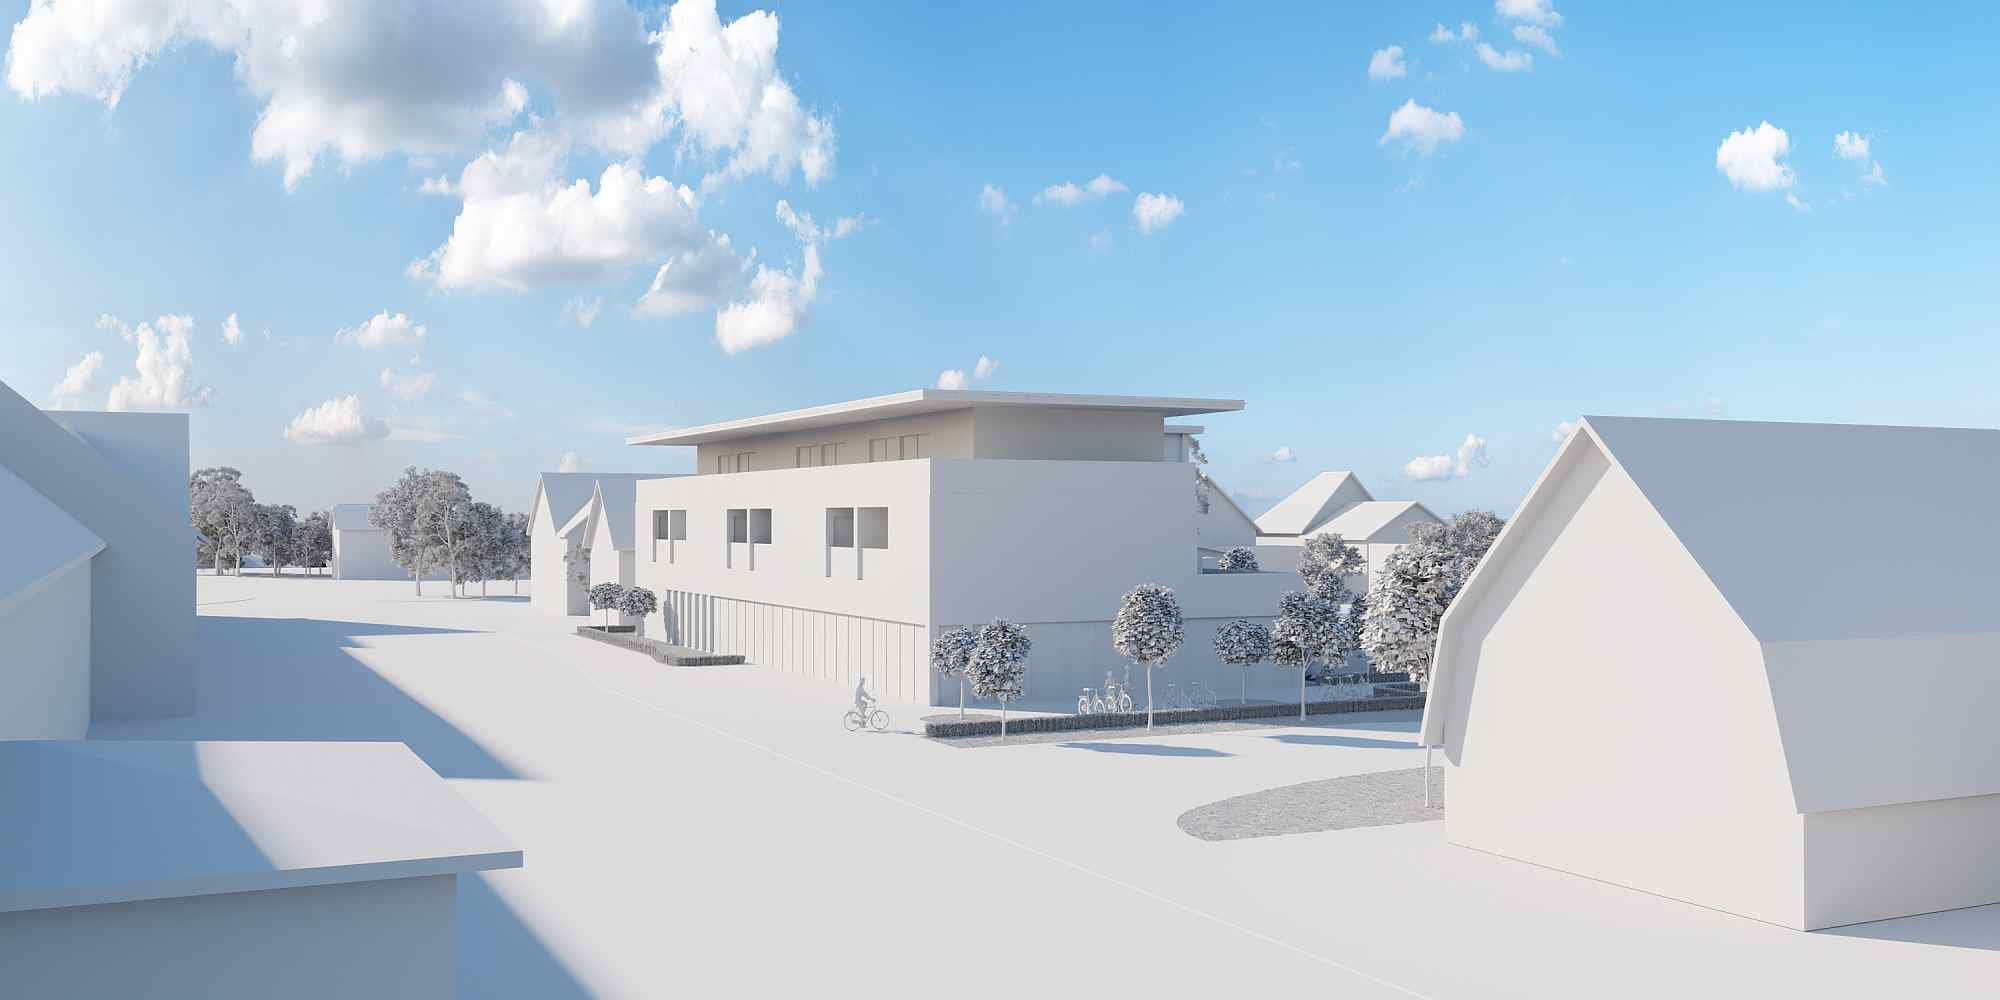 Mittels einer 3D Visualisierung können Bauvorhaben in unterschiedlichen Varianten dargestellt werden